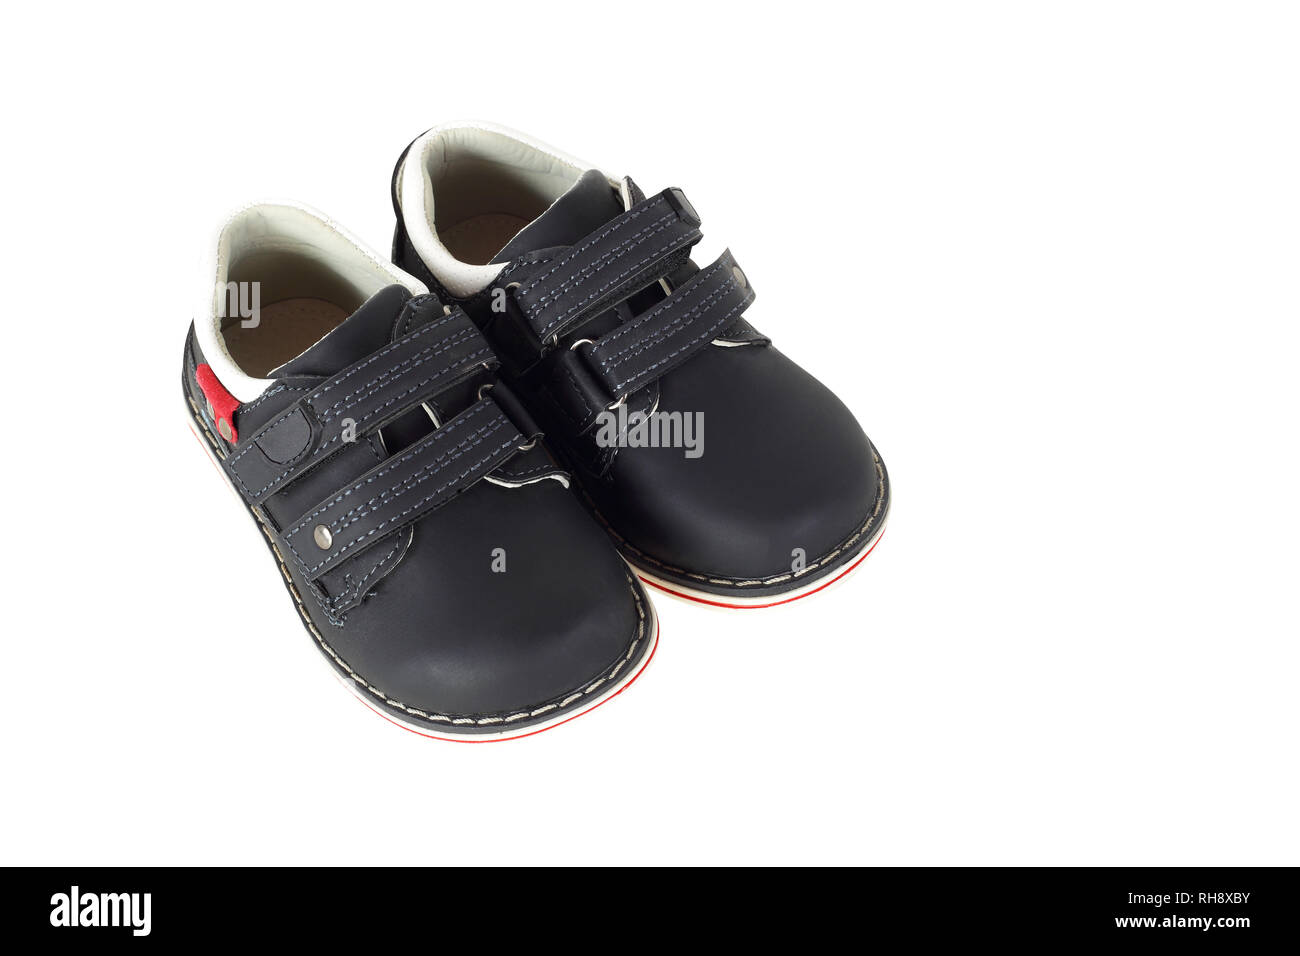 Abbigliamento, calzature e accessori per bambini scarpe